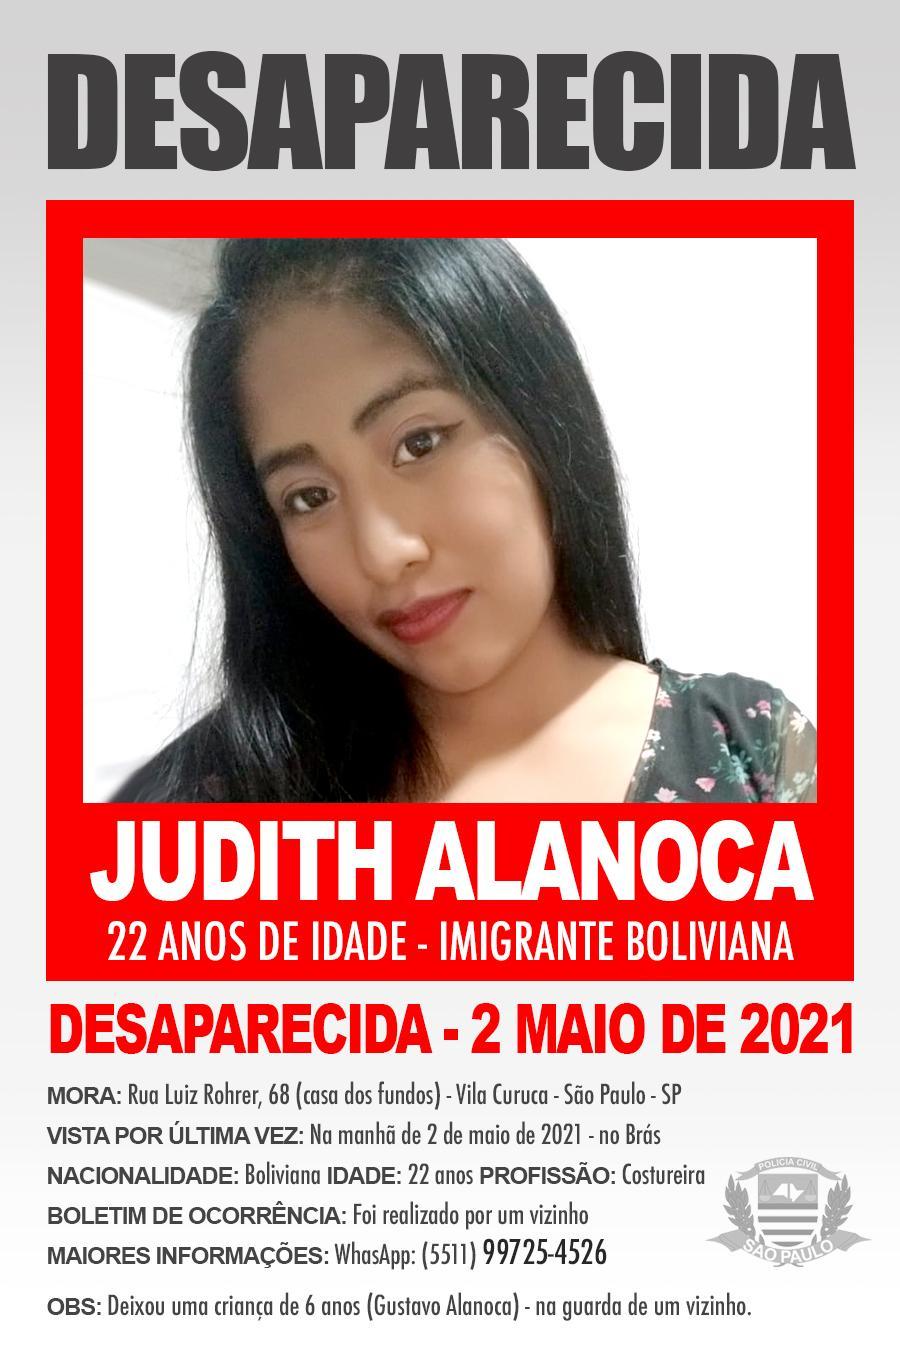 DESAPARECIDA - Judith Alanoca de nacionalidade boliviana